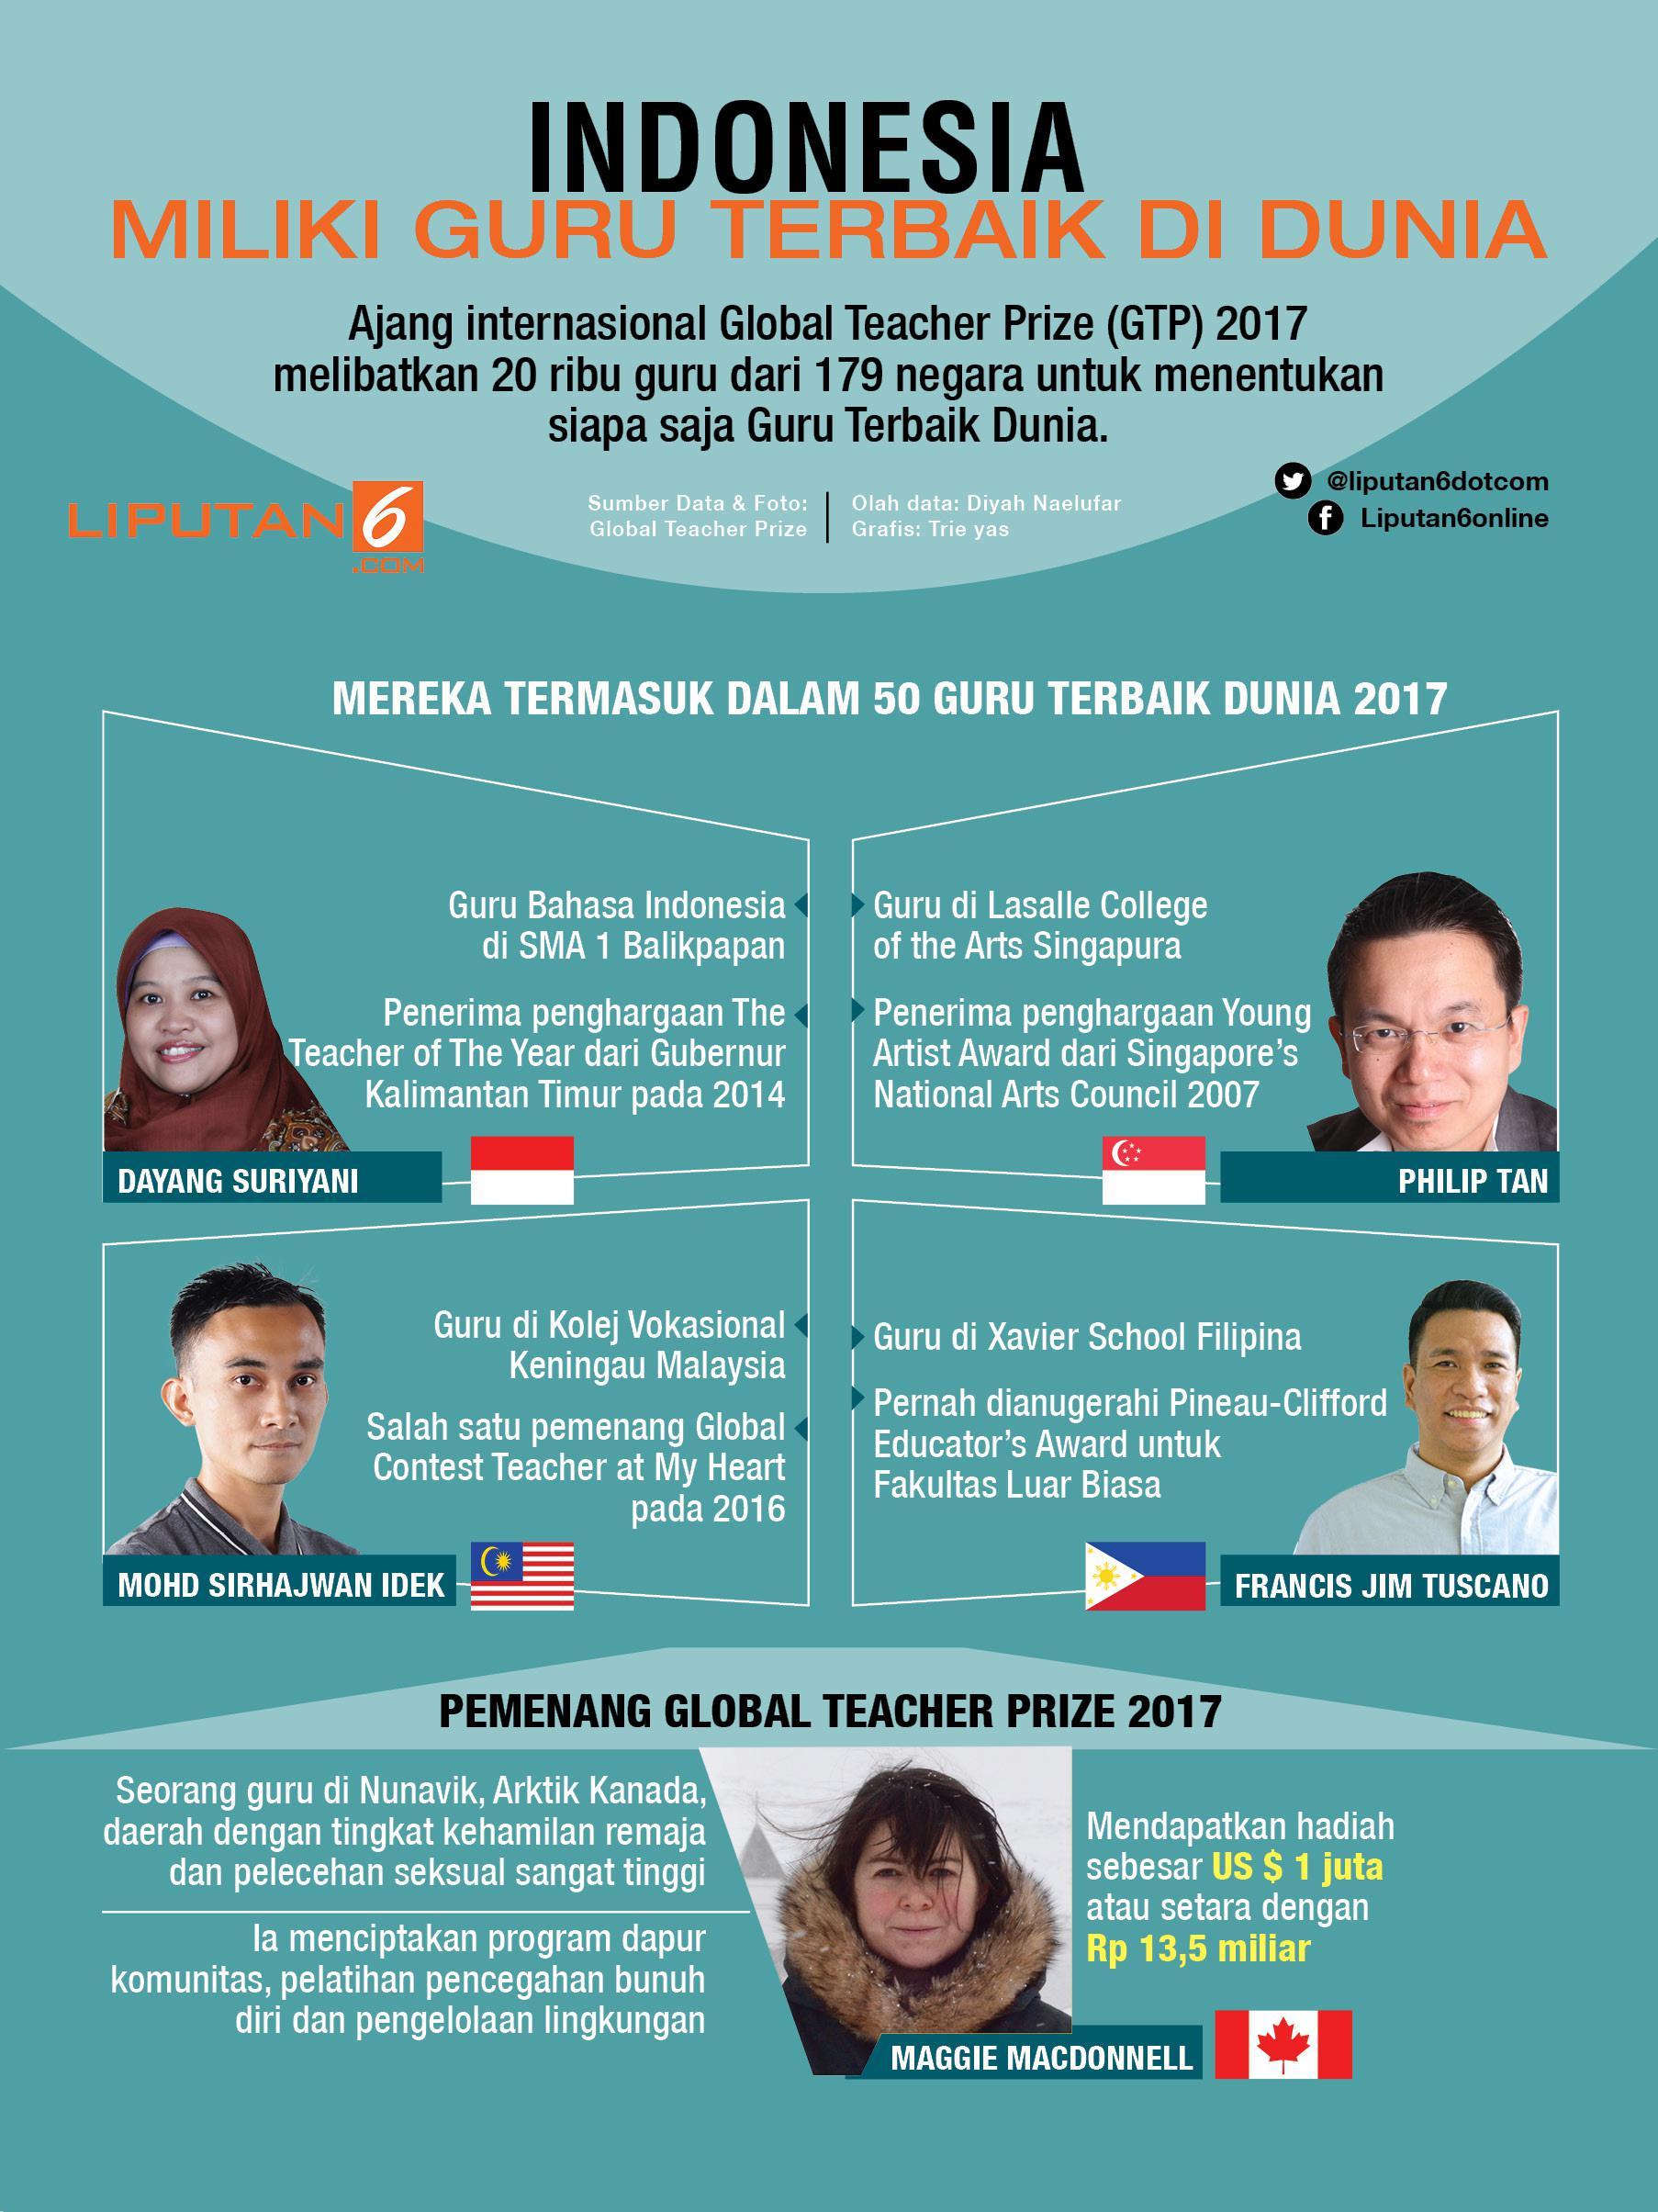 Indonesia Miliki Guru Terbaik di Dunia - News Liputan9.com